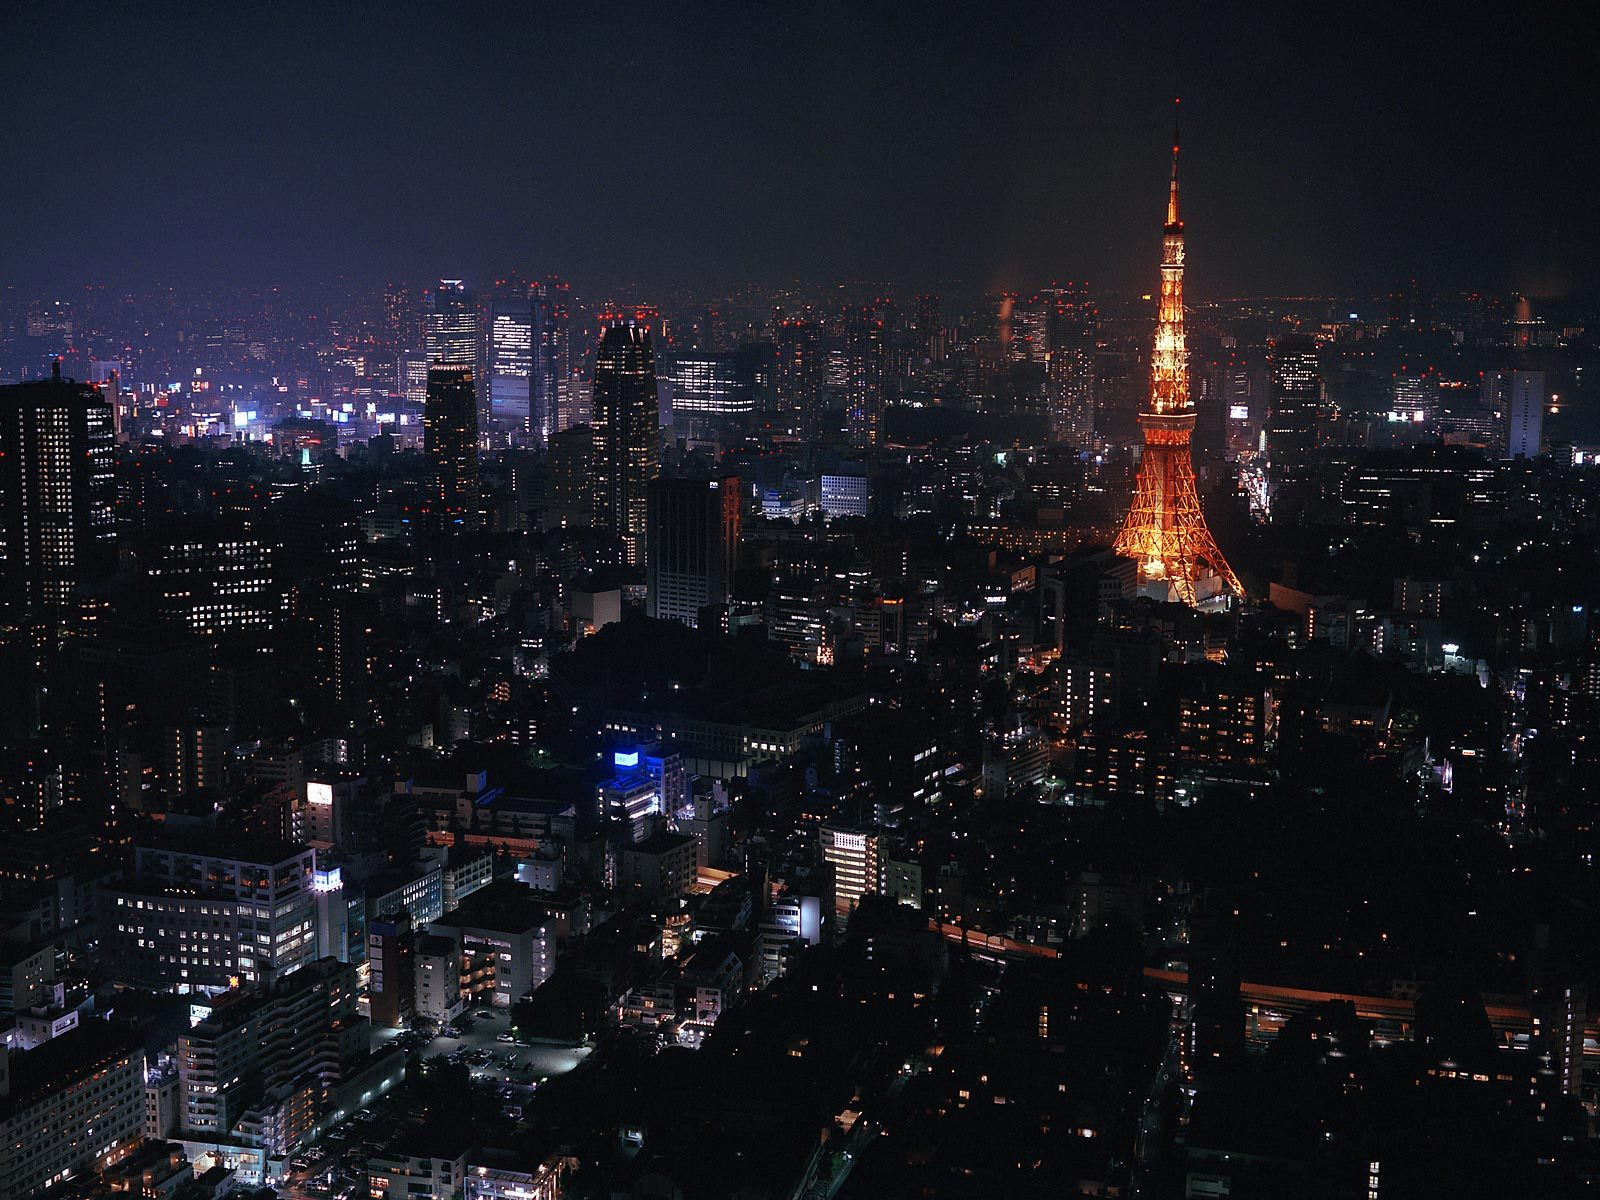 13435 скачать обои Города, Ночь, Архитектура, Эйфелева Башня - заставки и картинки бесплатно